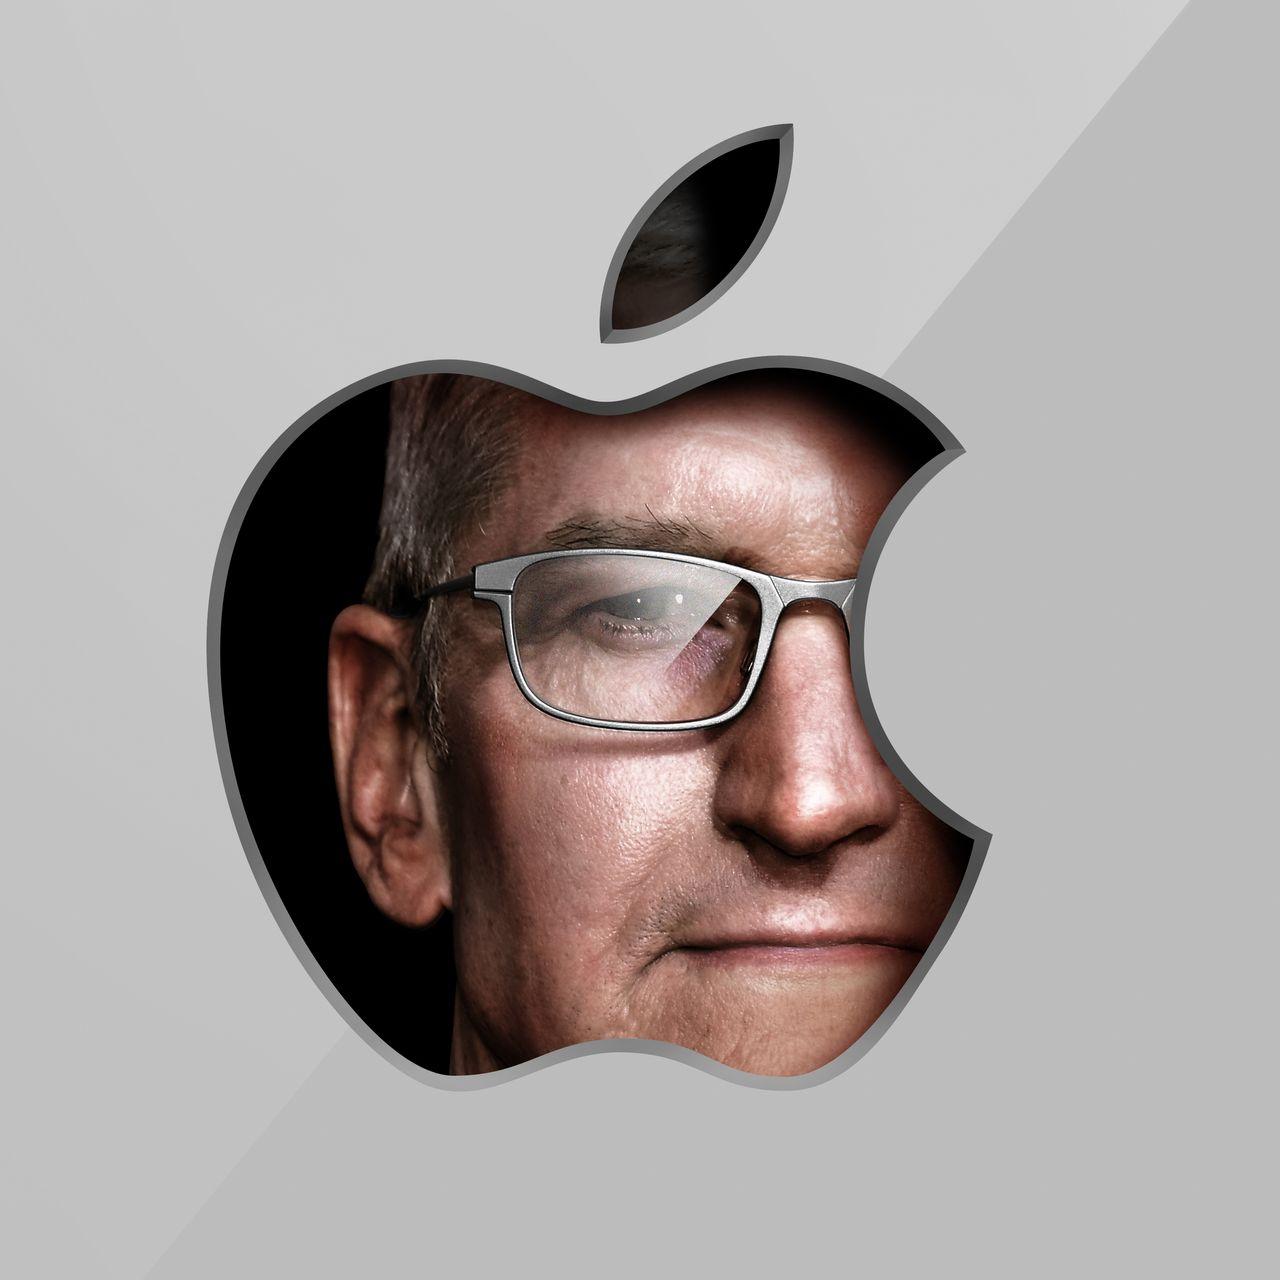 苹果产业链:iPhone 12 mini需求不足 媒体称苹果砍单20%